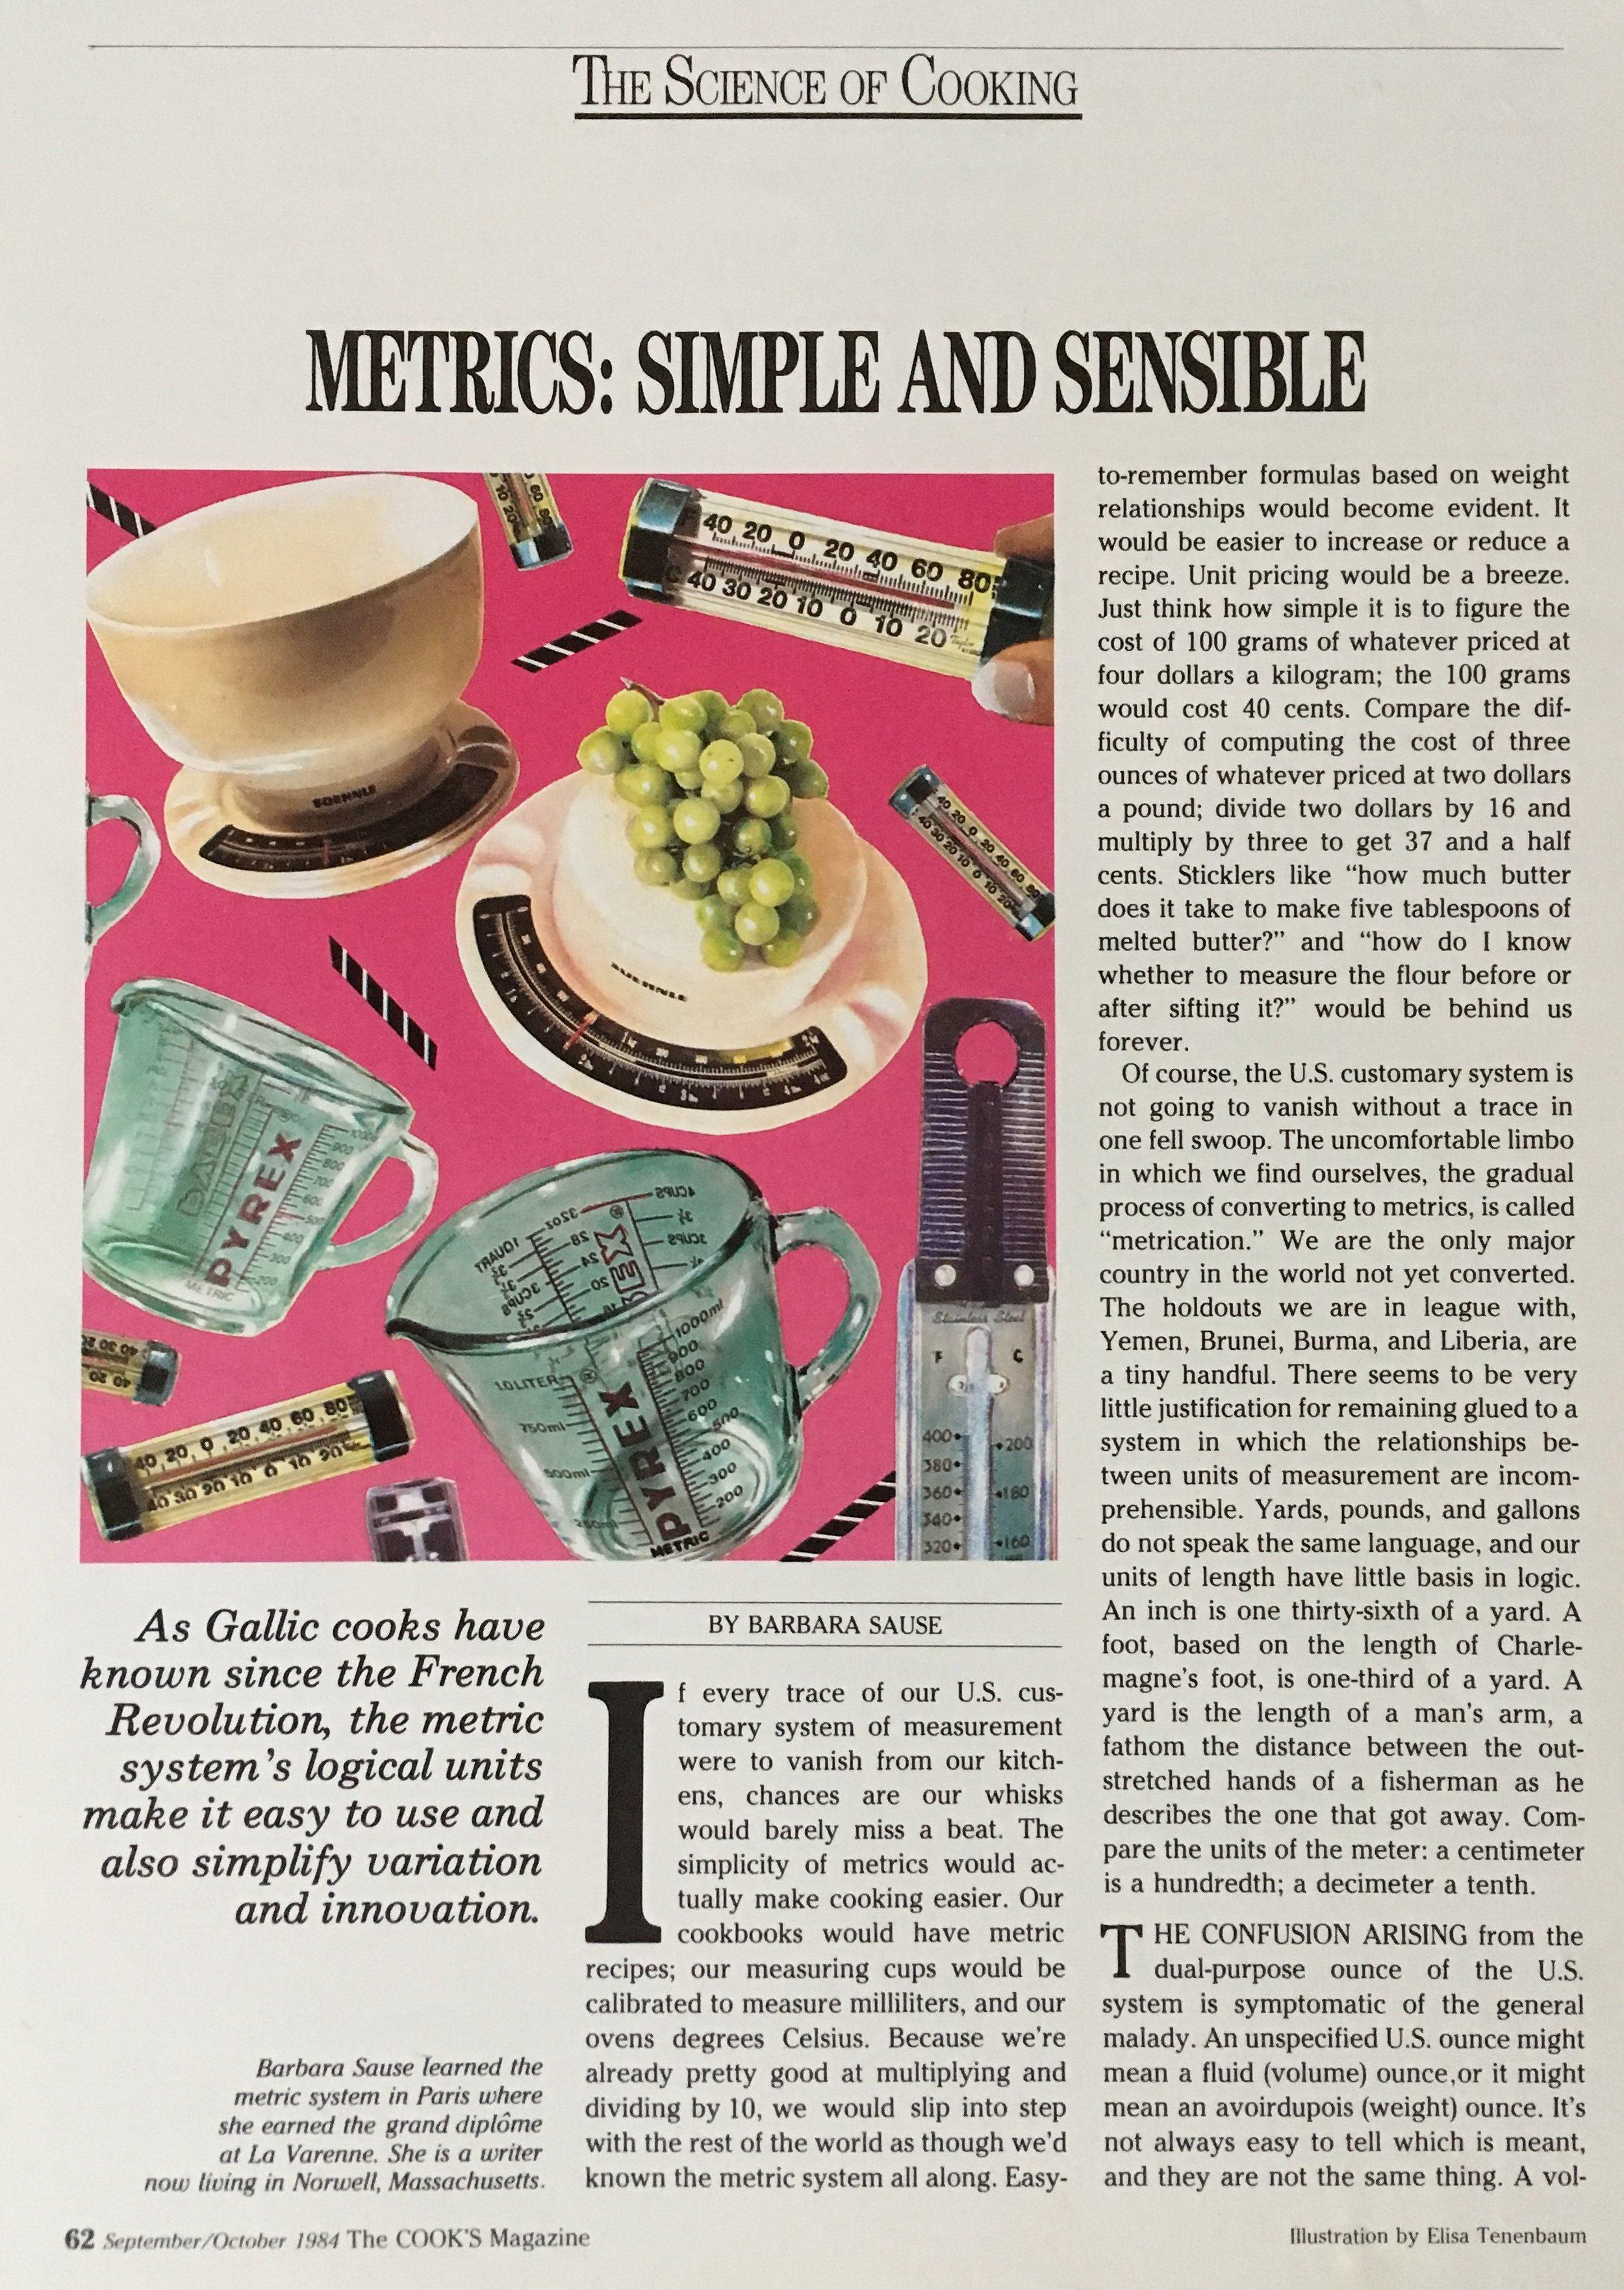 The Cook's Magazine, Metrics